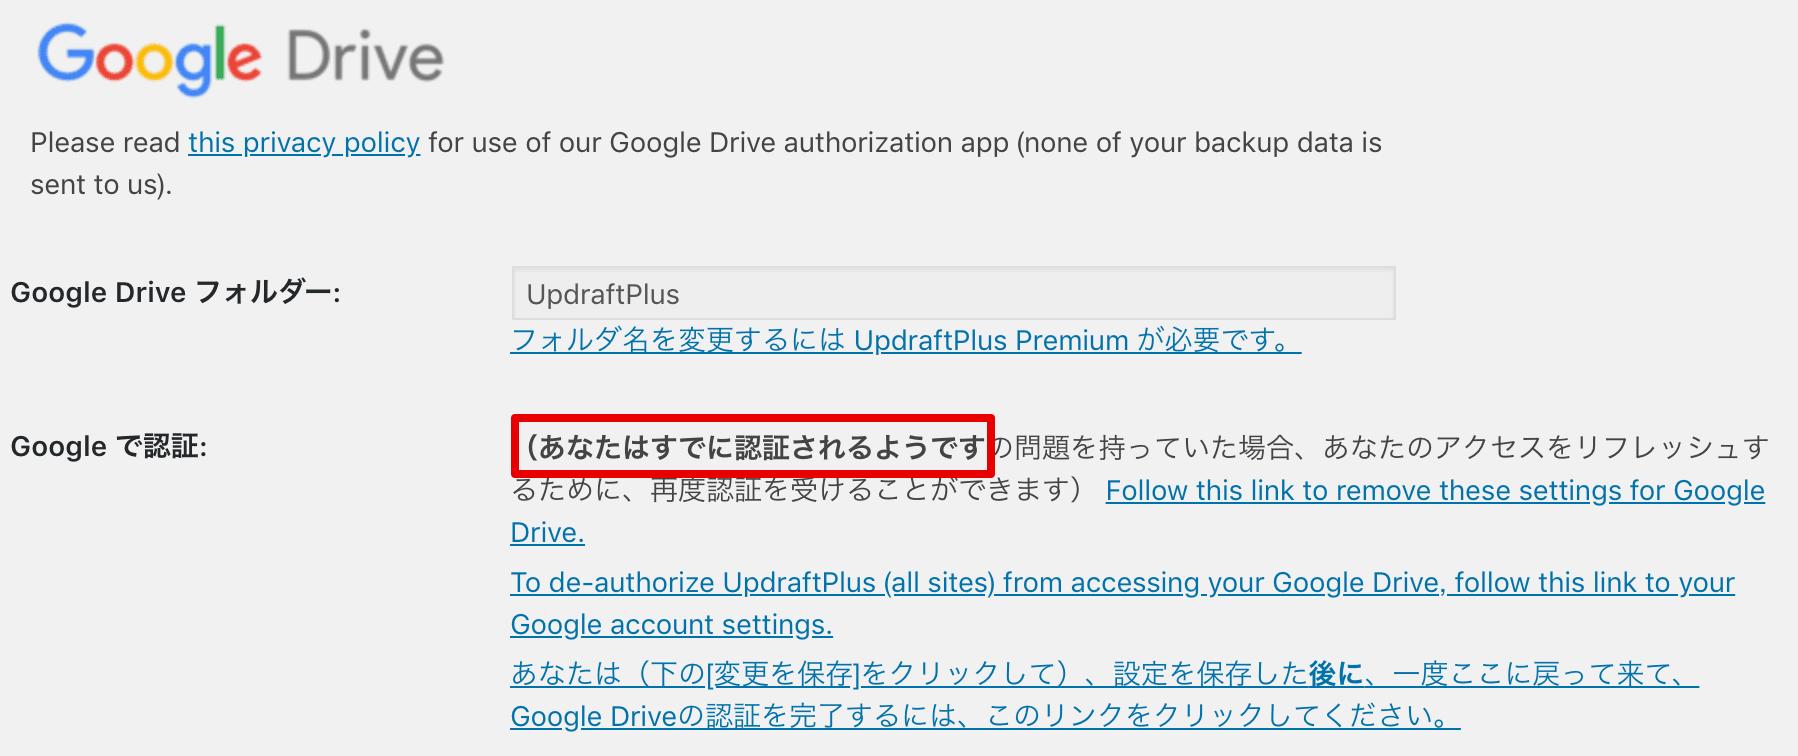 UpdraftPlus-Backup/RestoreGoogleDrive認証確認